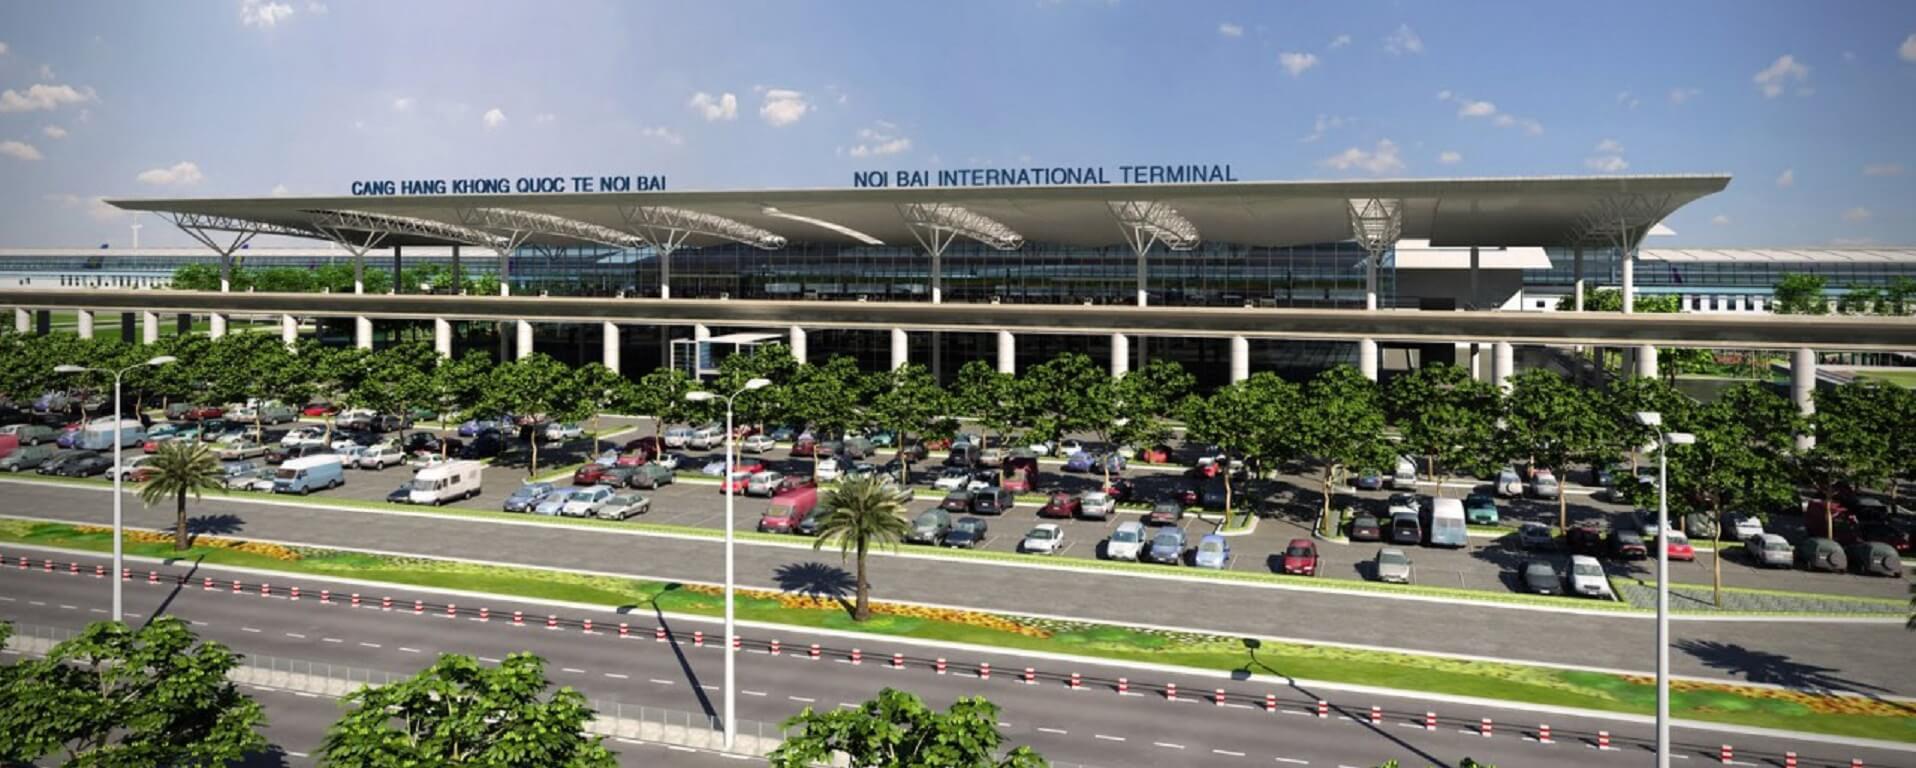 Sân bay quốc tế Nội Bài (Hà Nội)